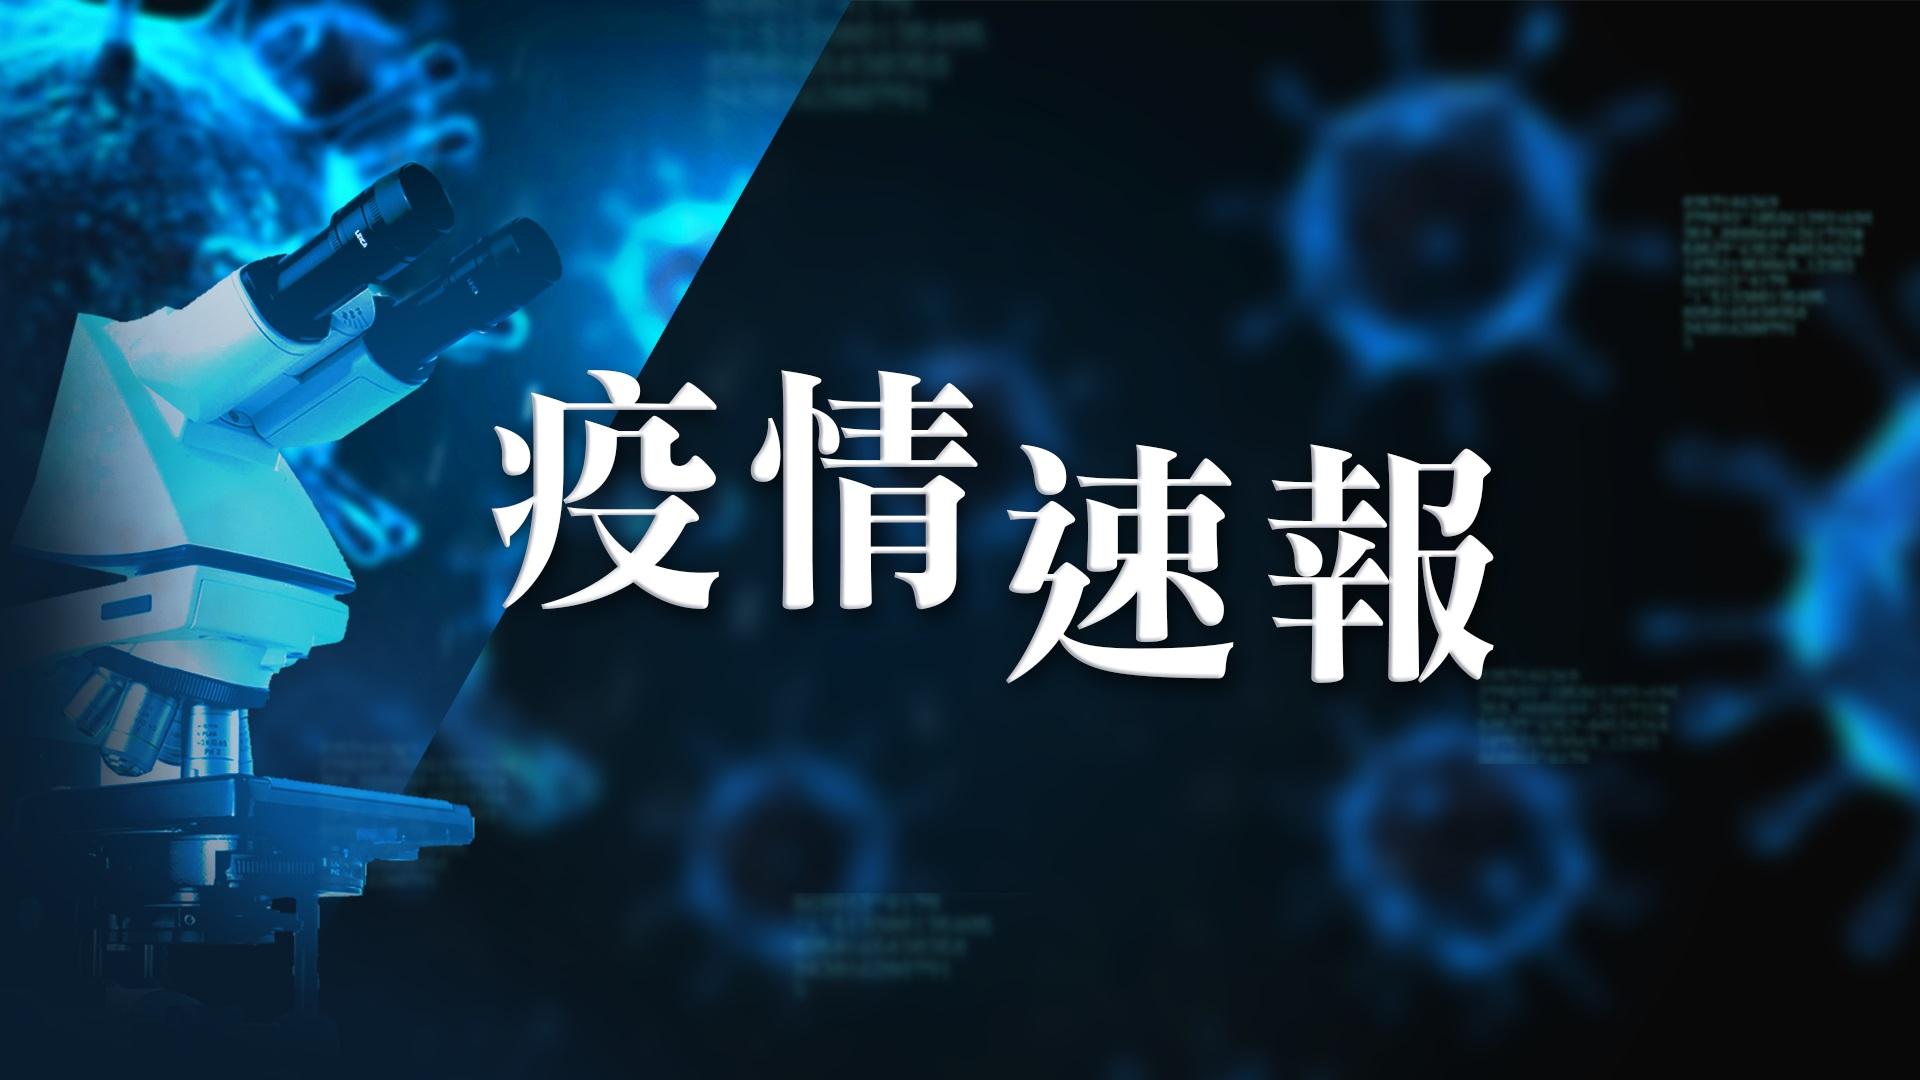 【2月7日疫情速報】(20:00)